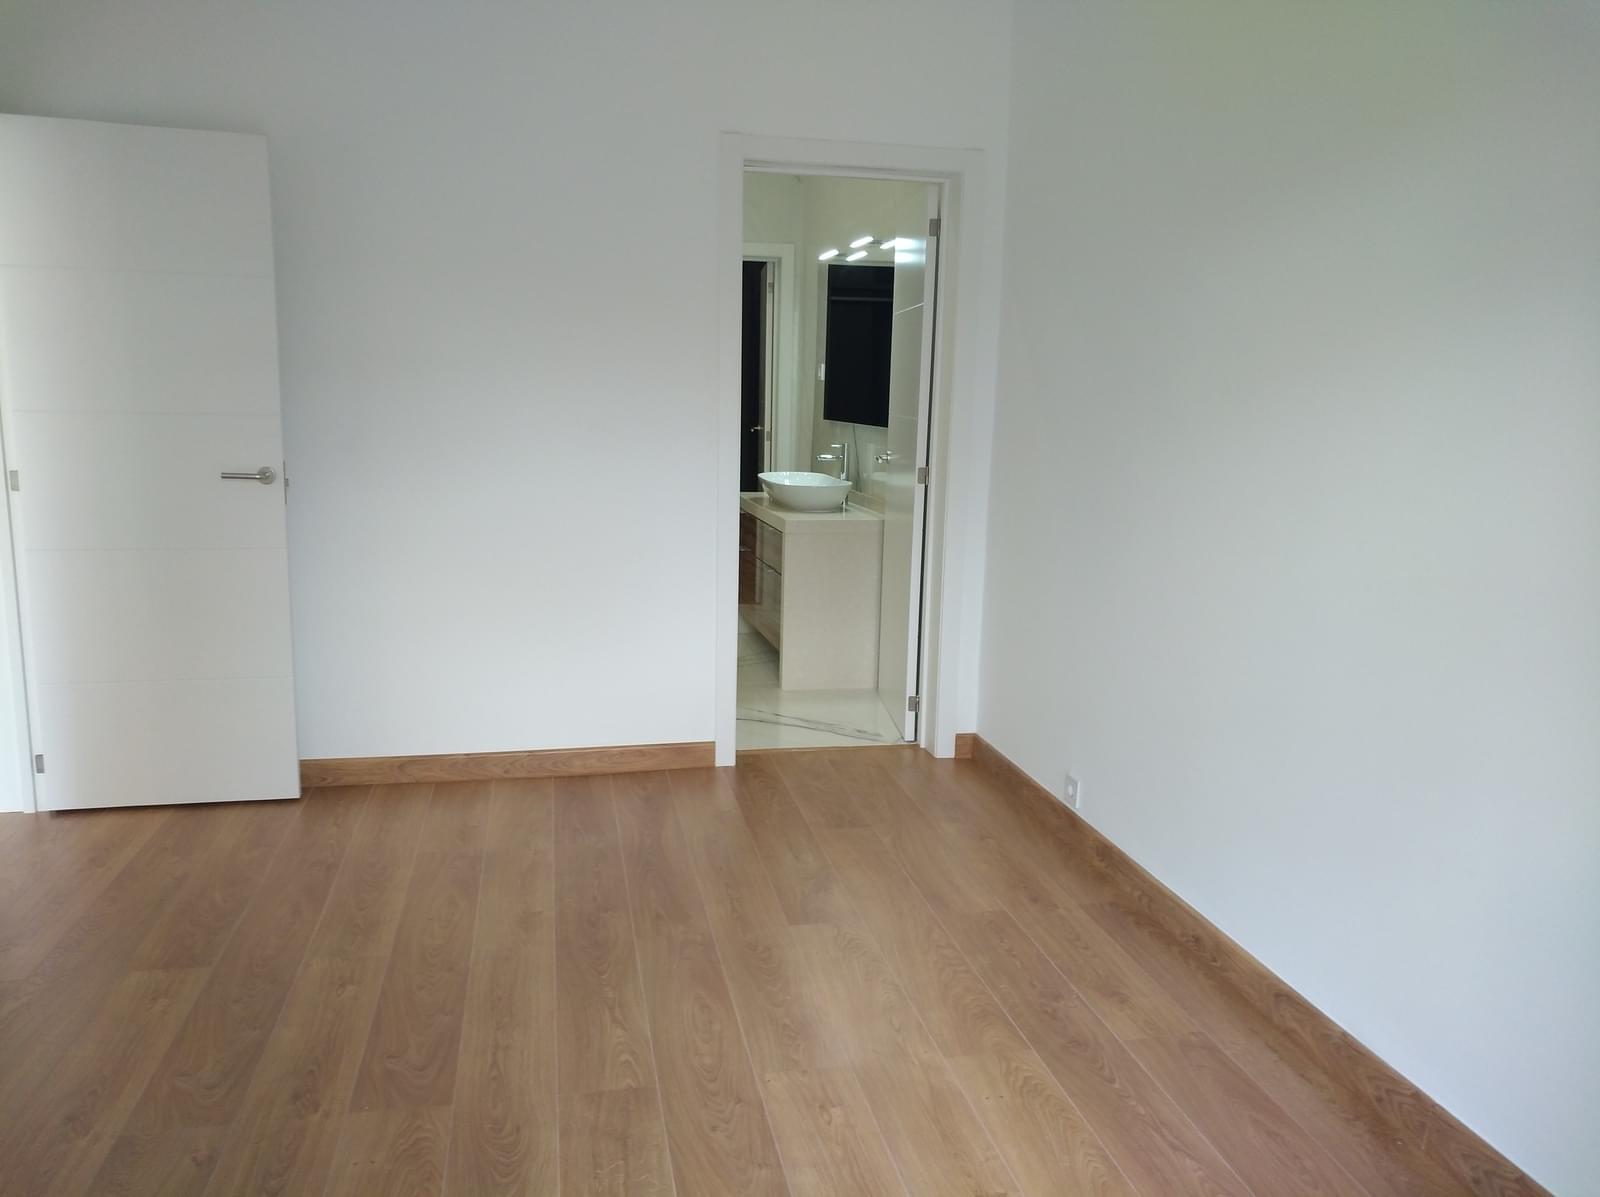 pf17316-apartamento-t2-lisboa-f2178751-52b6-45f6-87c8-f465ddcc2d3a